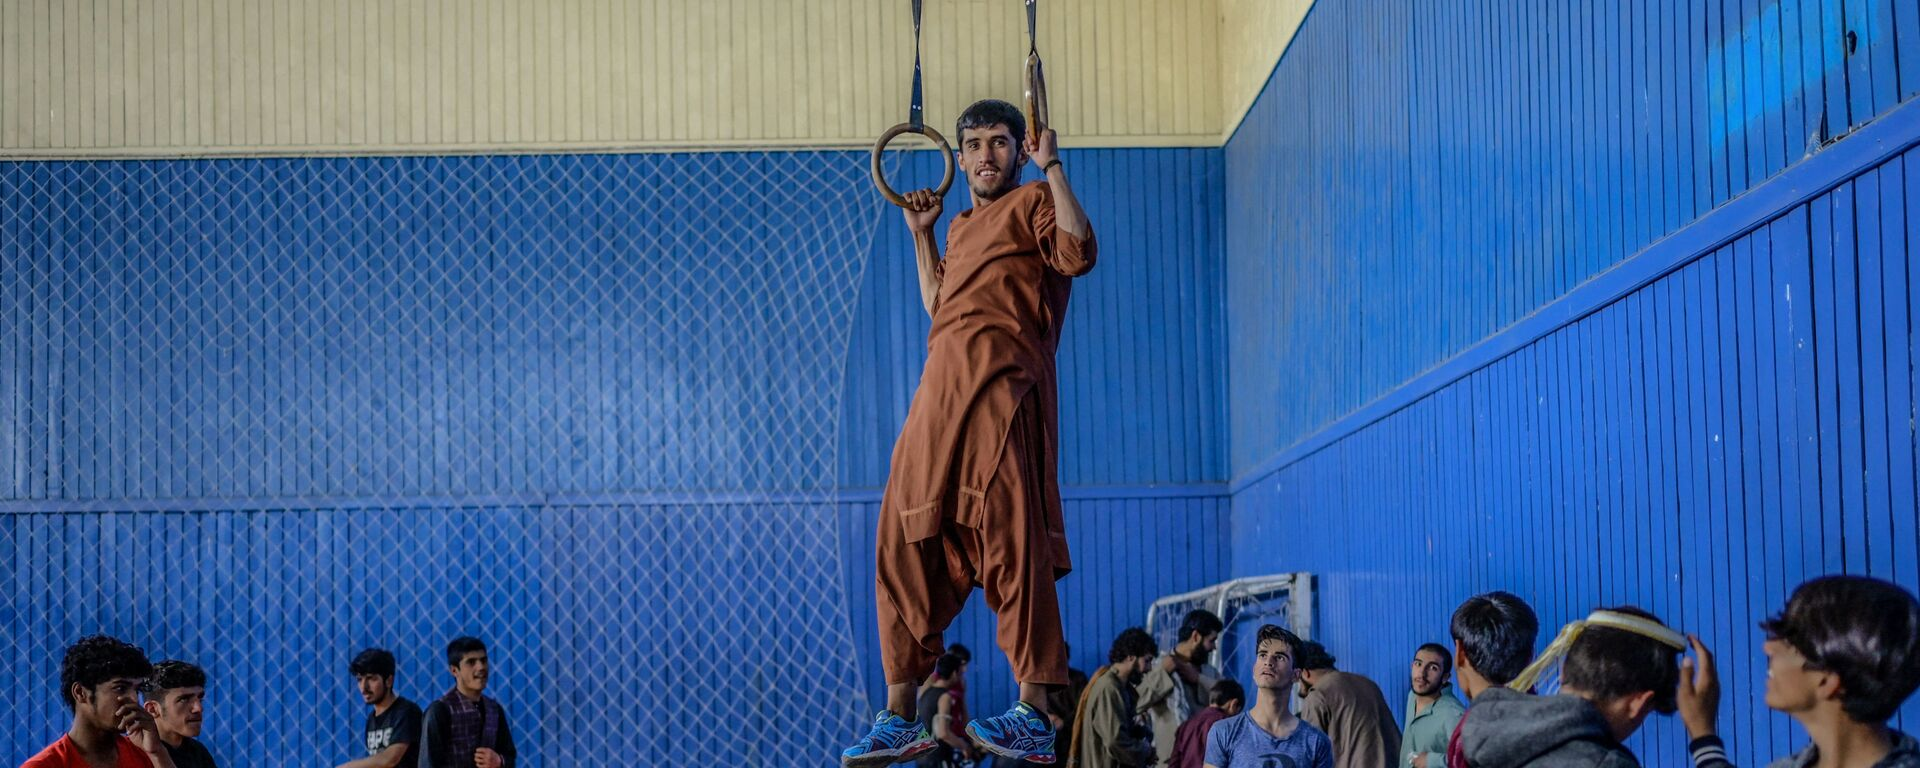 Молодежь в спортзале в Кабуле  - Sputnik Узбекистан, 1920, 15.09.2021